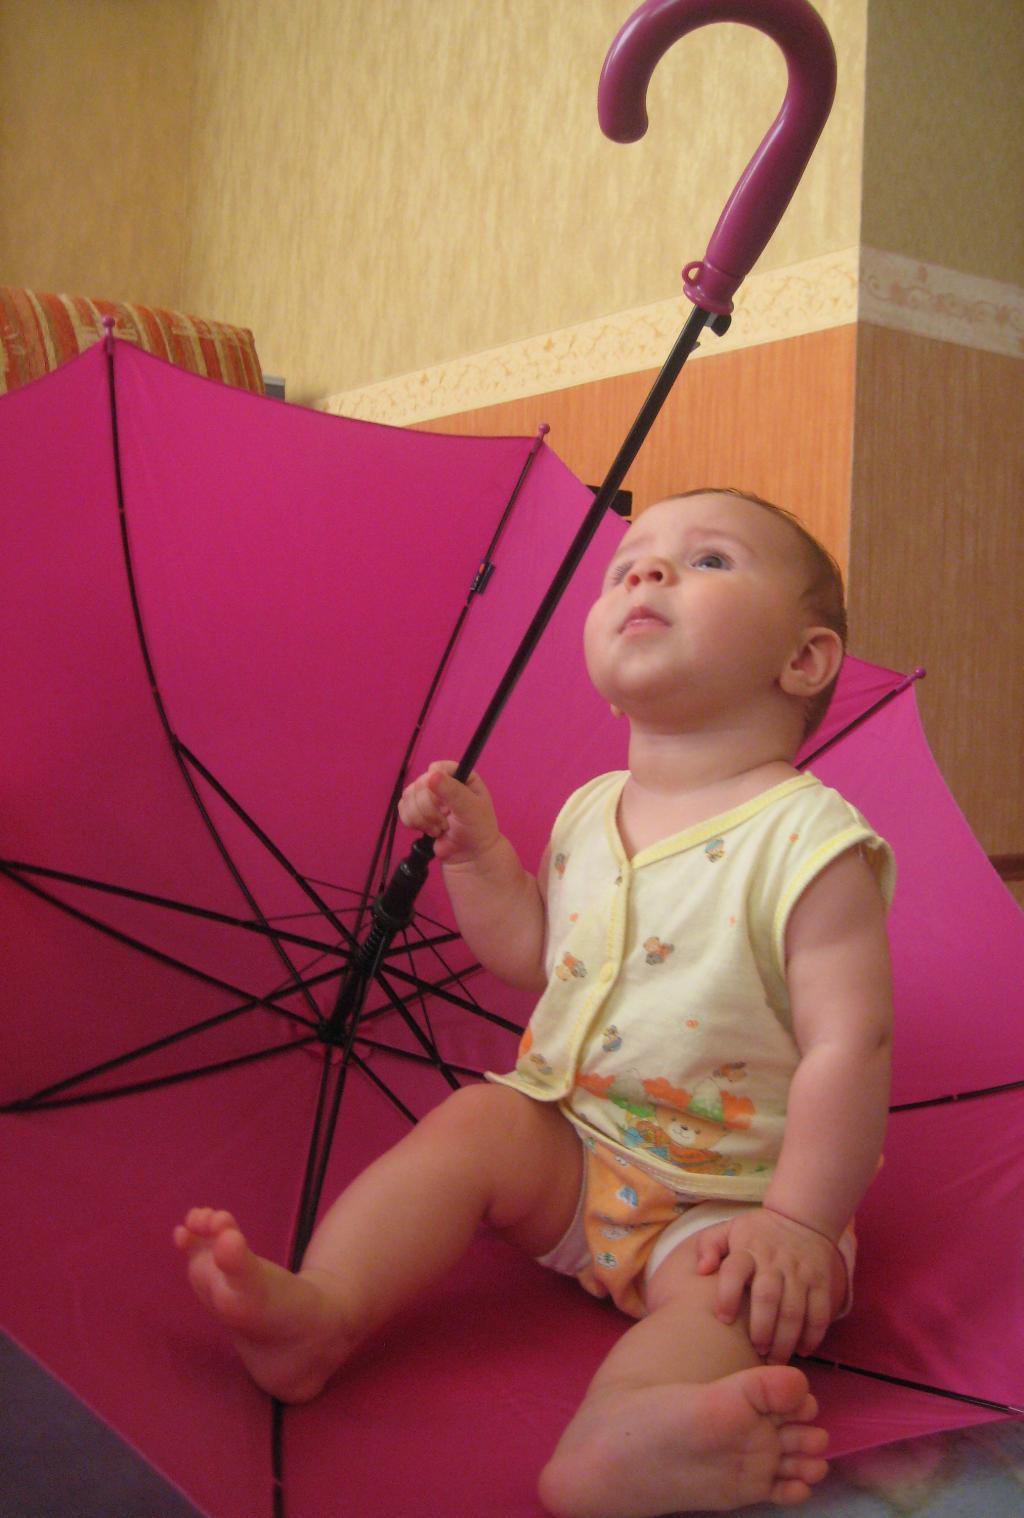 ну и как ваш зонтик работает?. Да здравствует дождь!